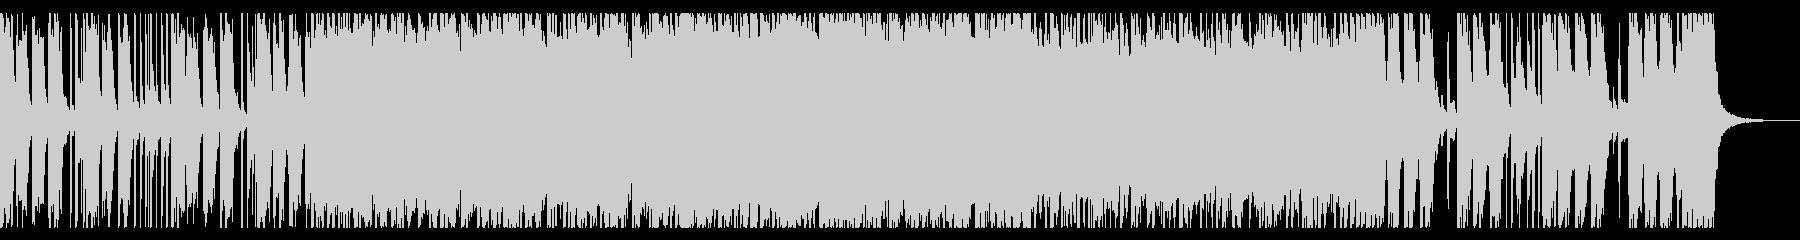 エネルギッシュなパンクオープニングの未再生の波形